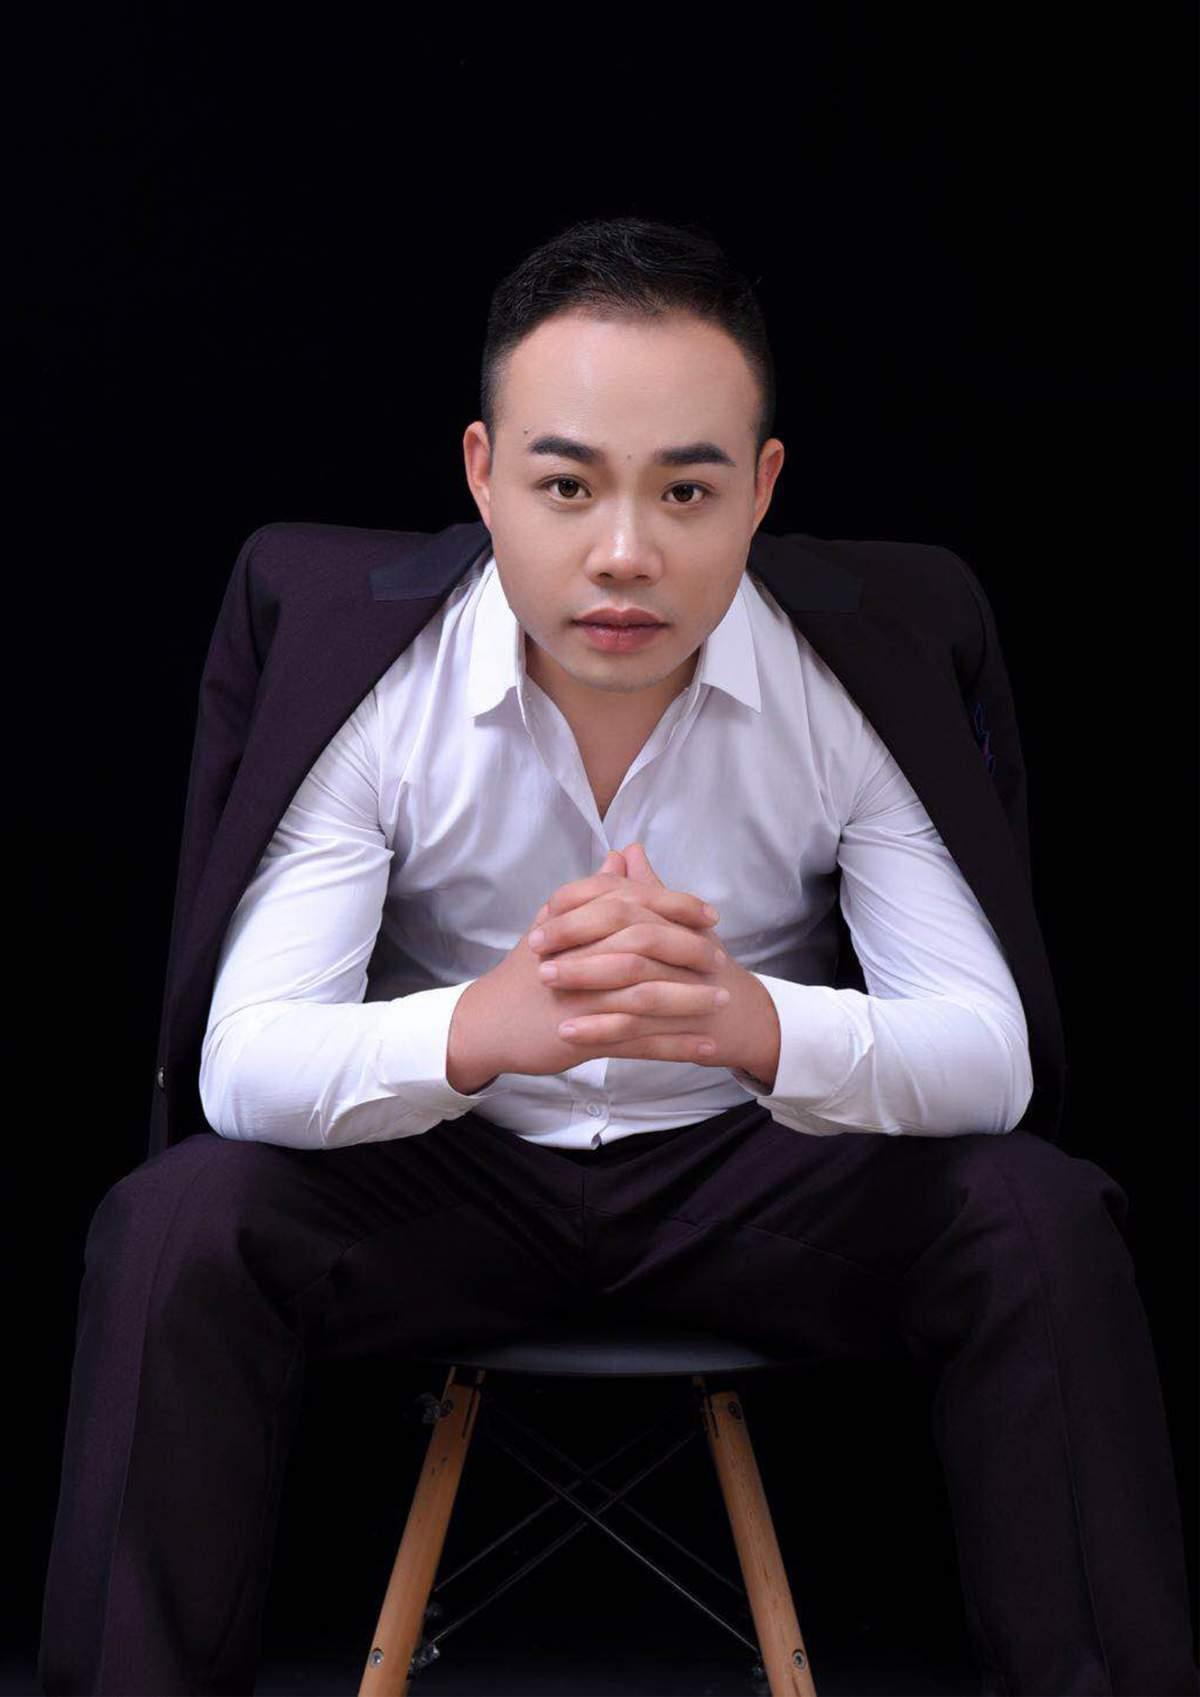 西安市装修设计师韩广欣